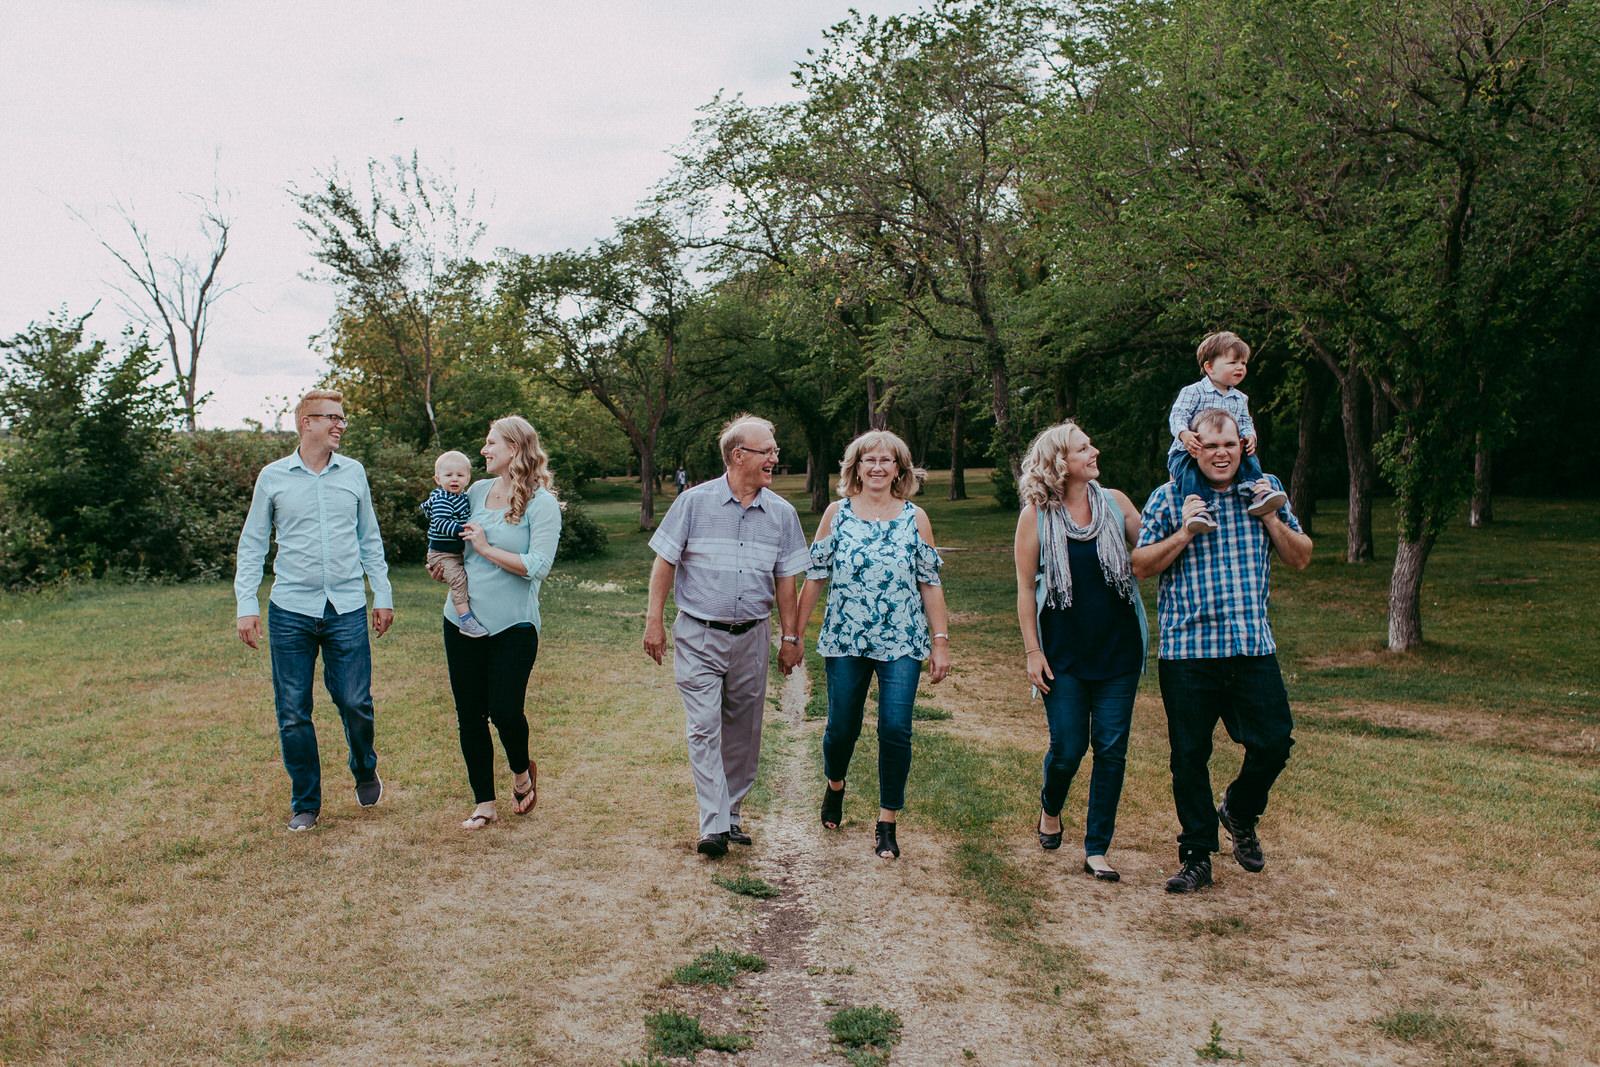 Summer Family Photos